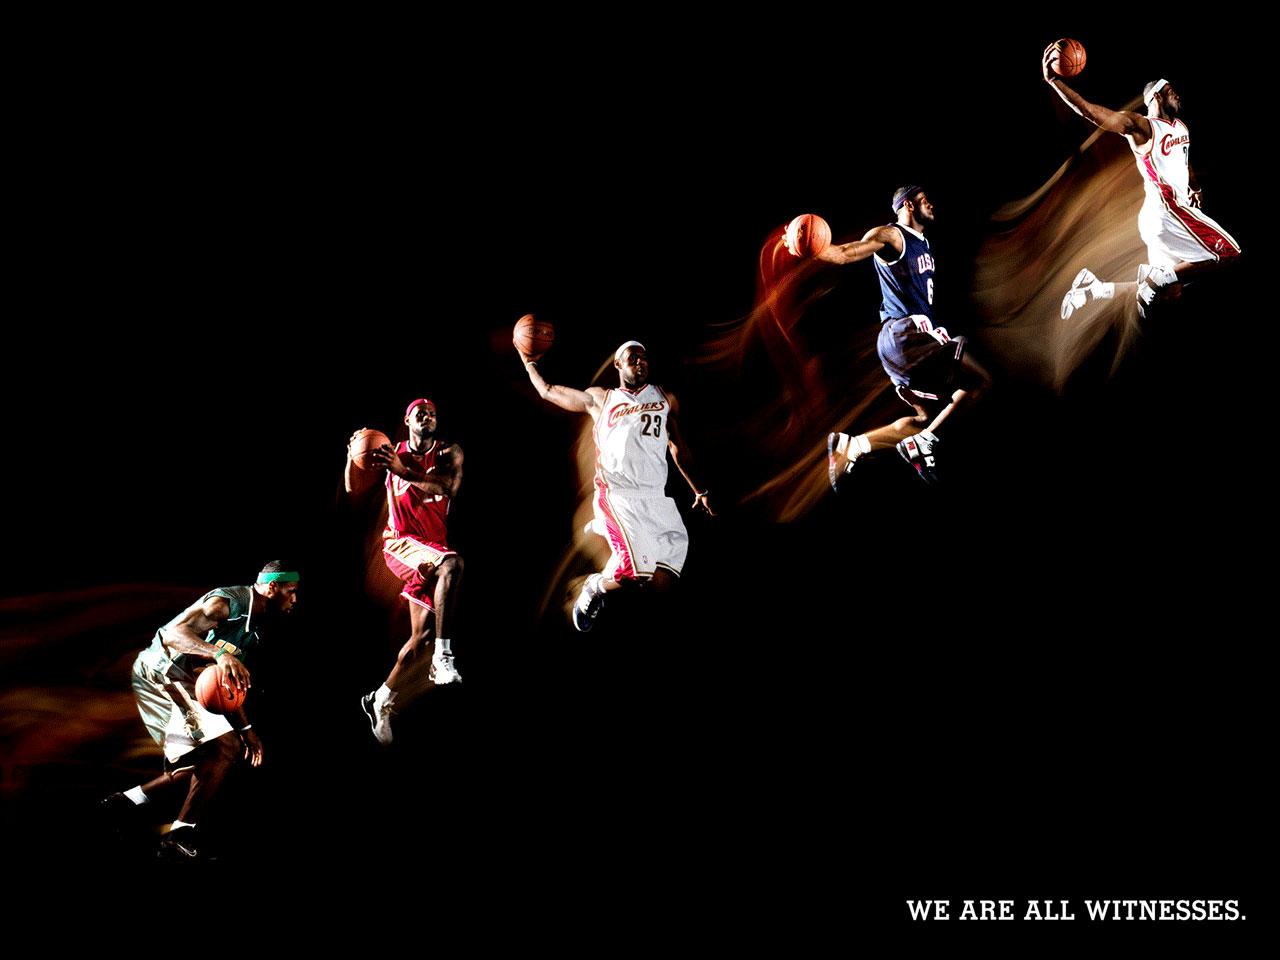 Nike Lebron James Wallpaper Wallpapersafari